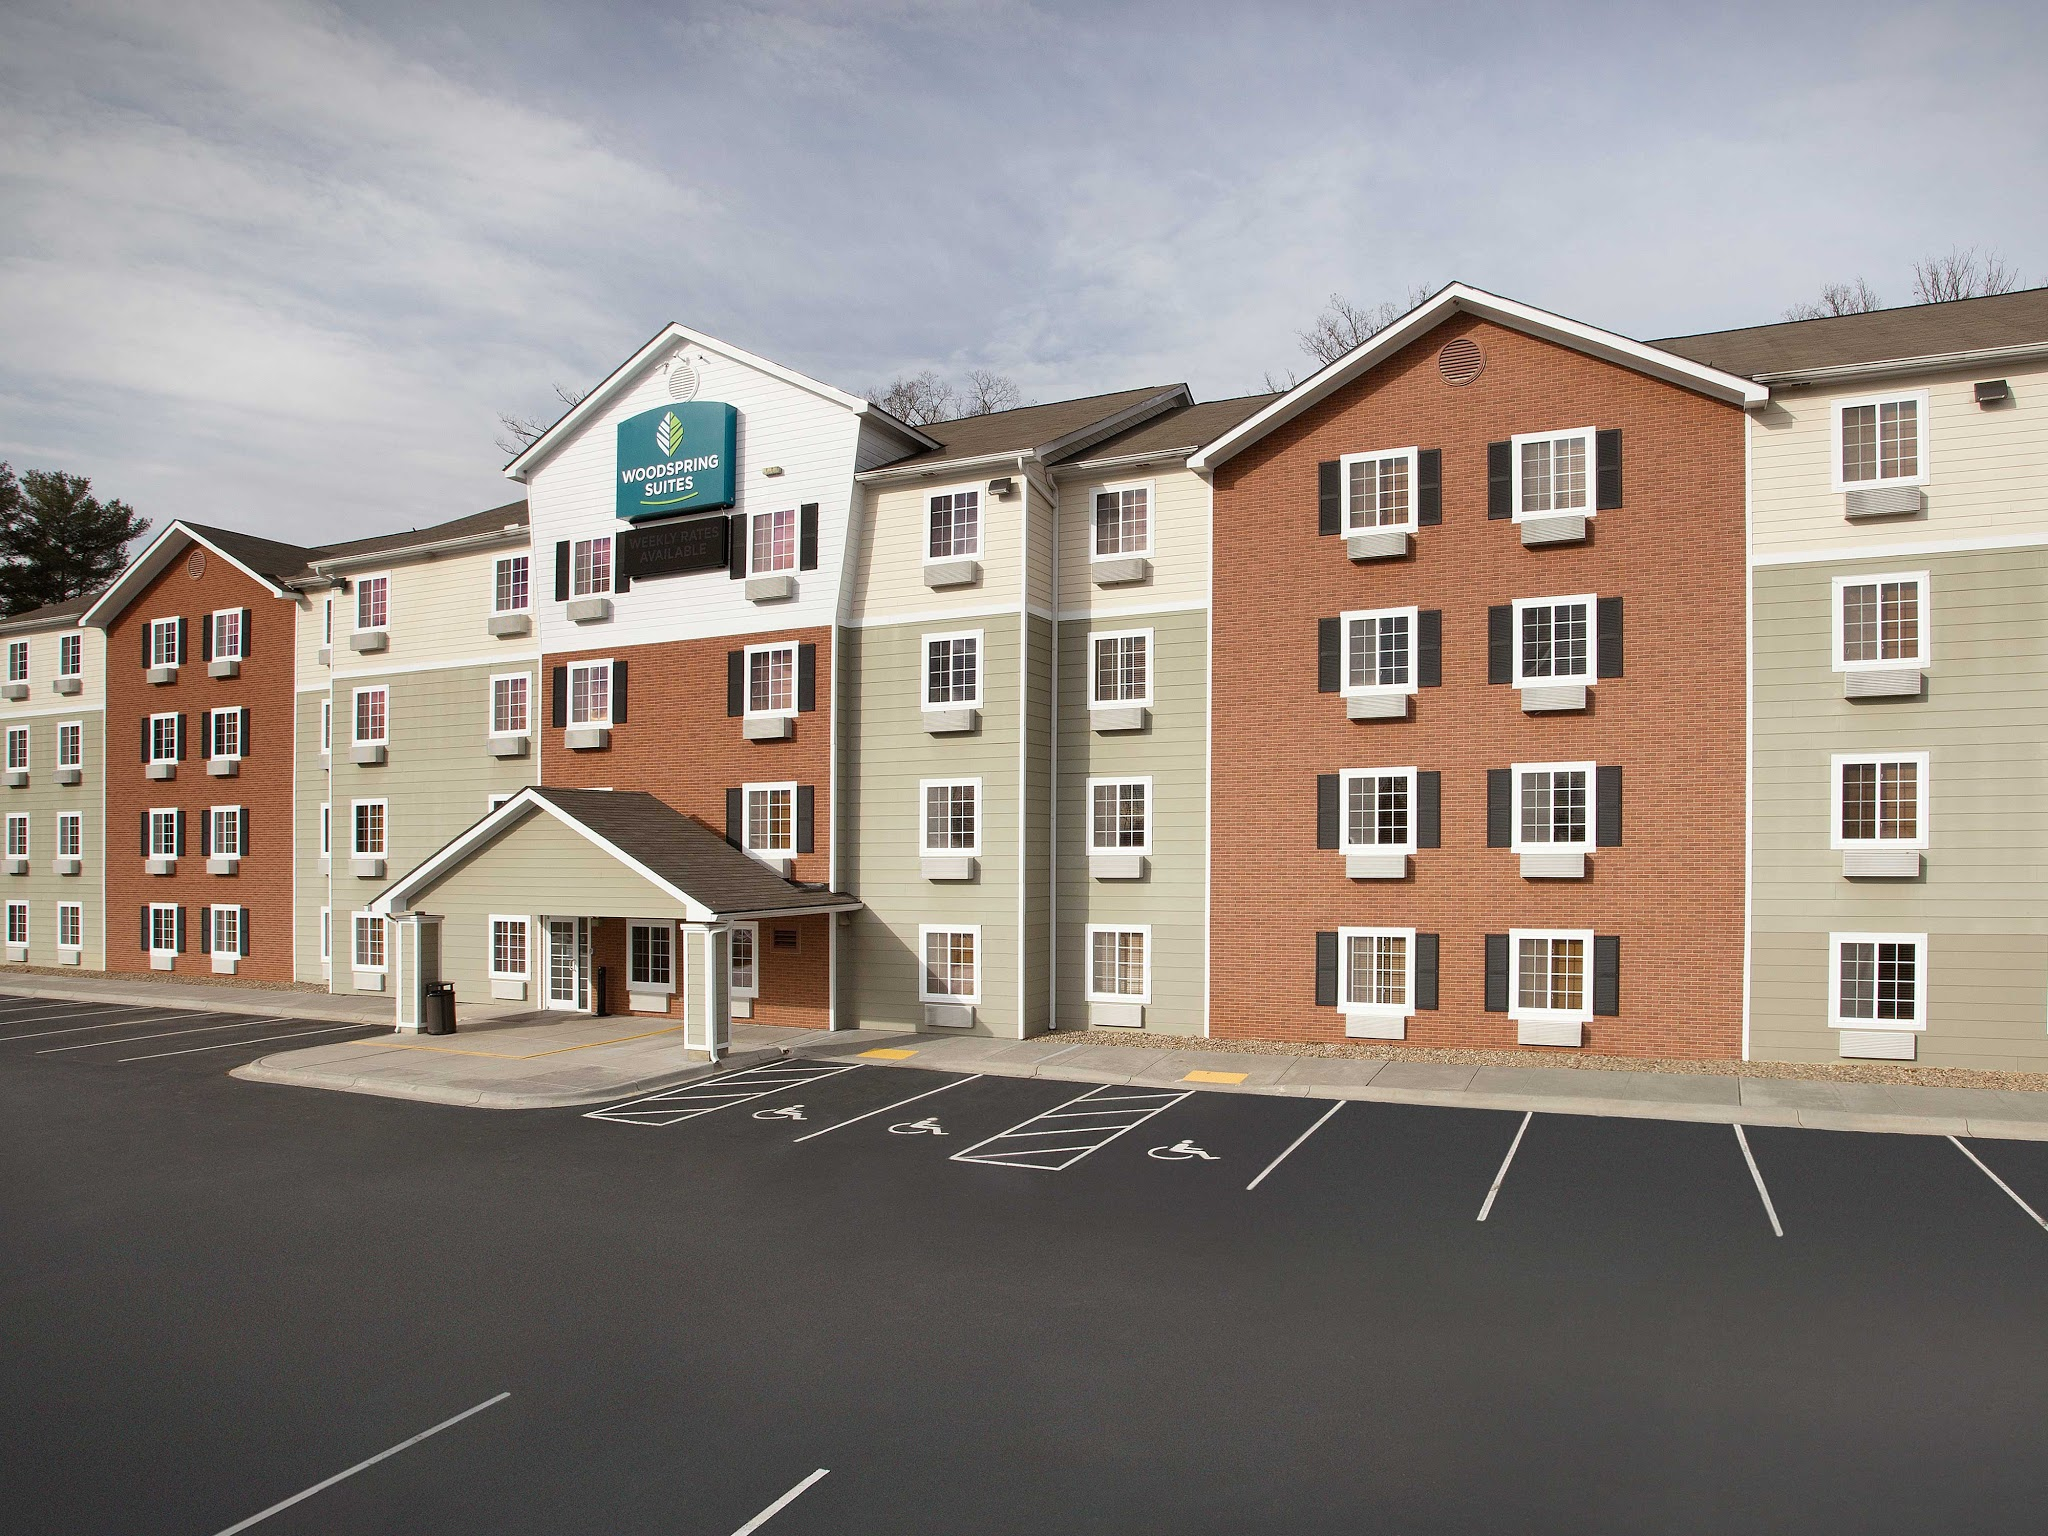 WoodSpring Suites Asheville image 11